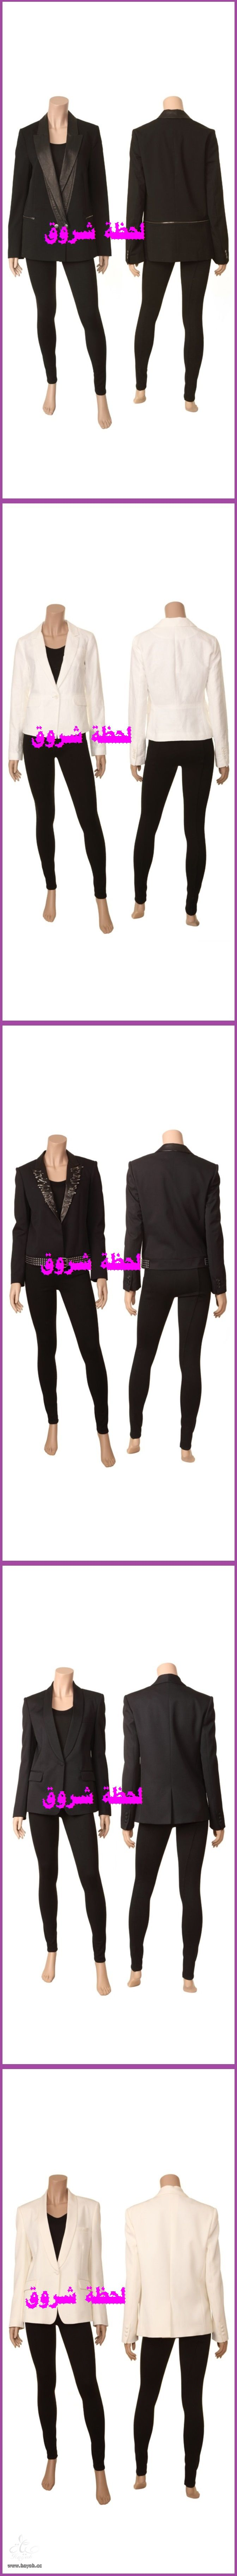 ملابس شتوية 2015 hayahcc_1450576546_811.jpg